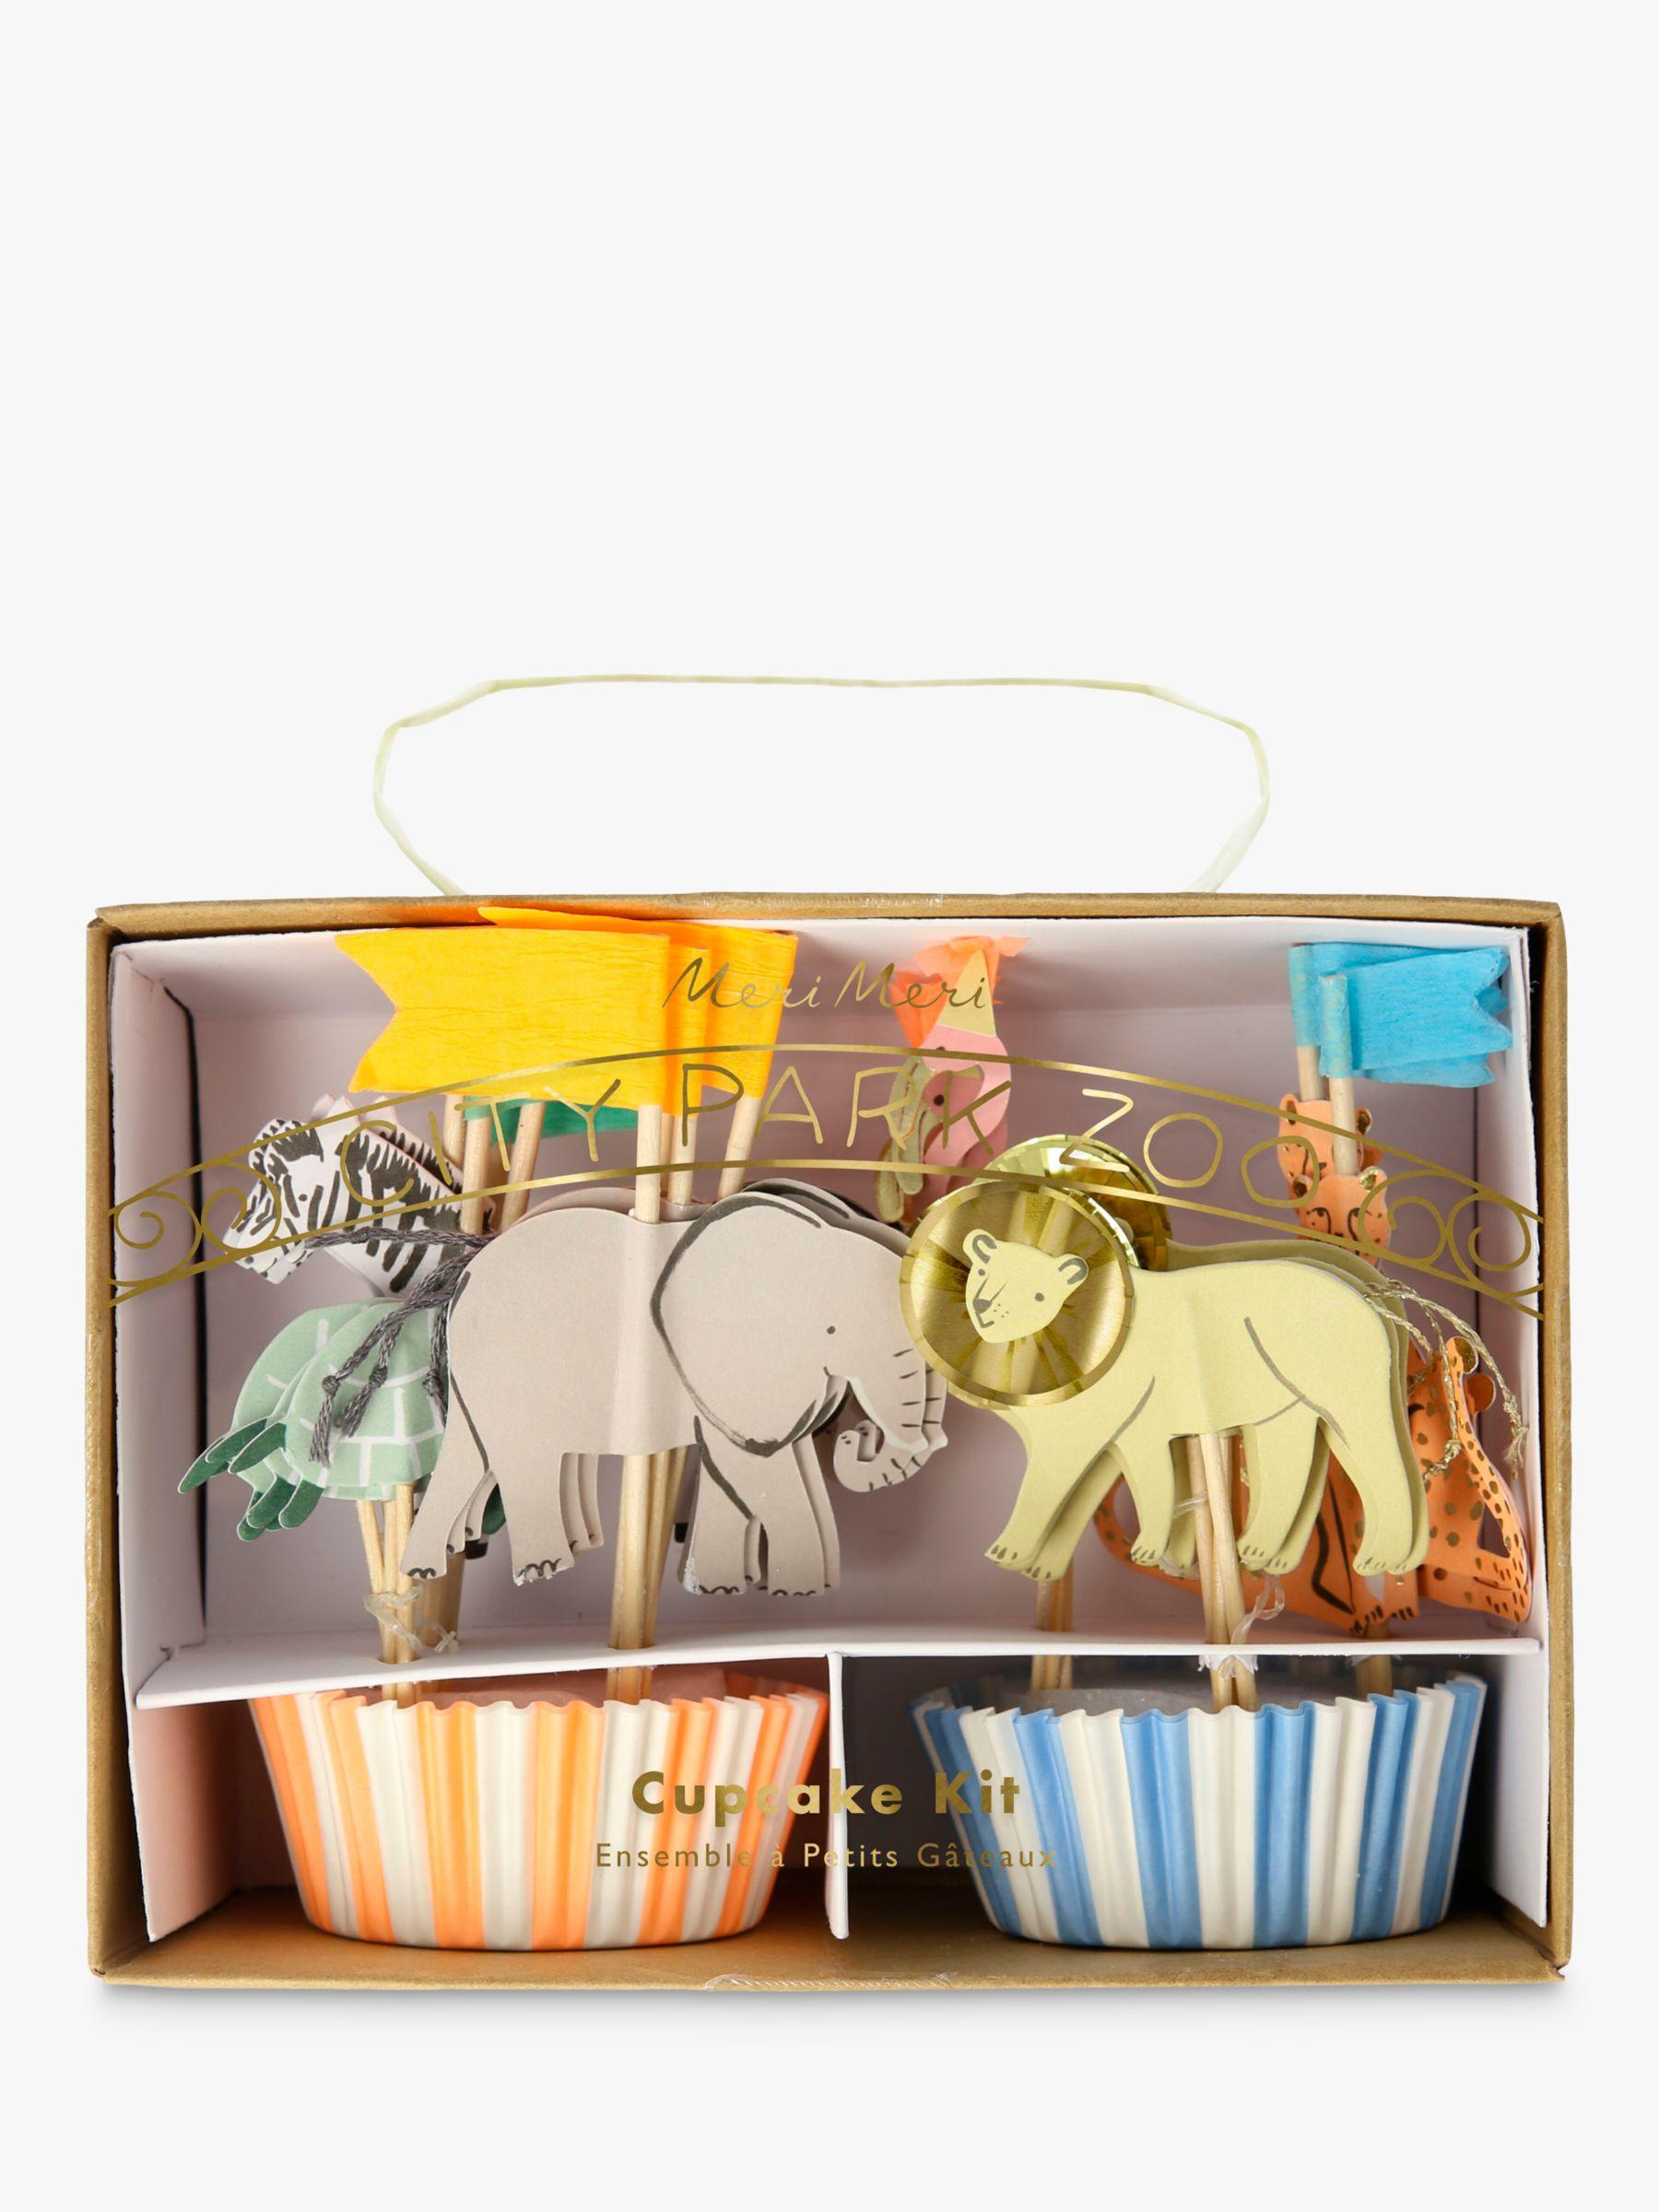 Meri Meri Meri Meri City Park Zoo Cupcake Kit, Set of 24